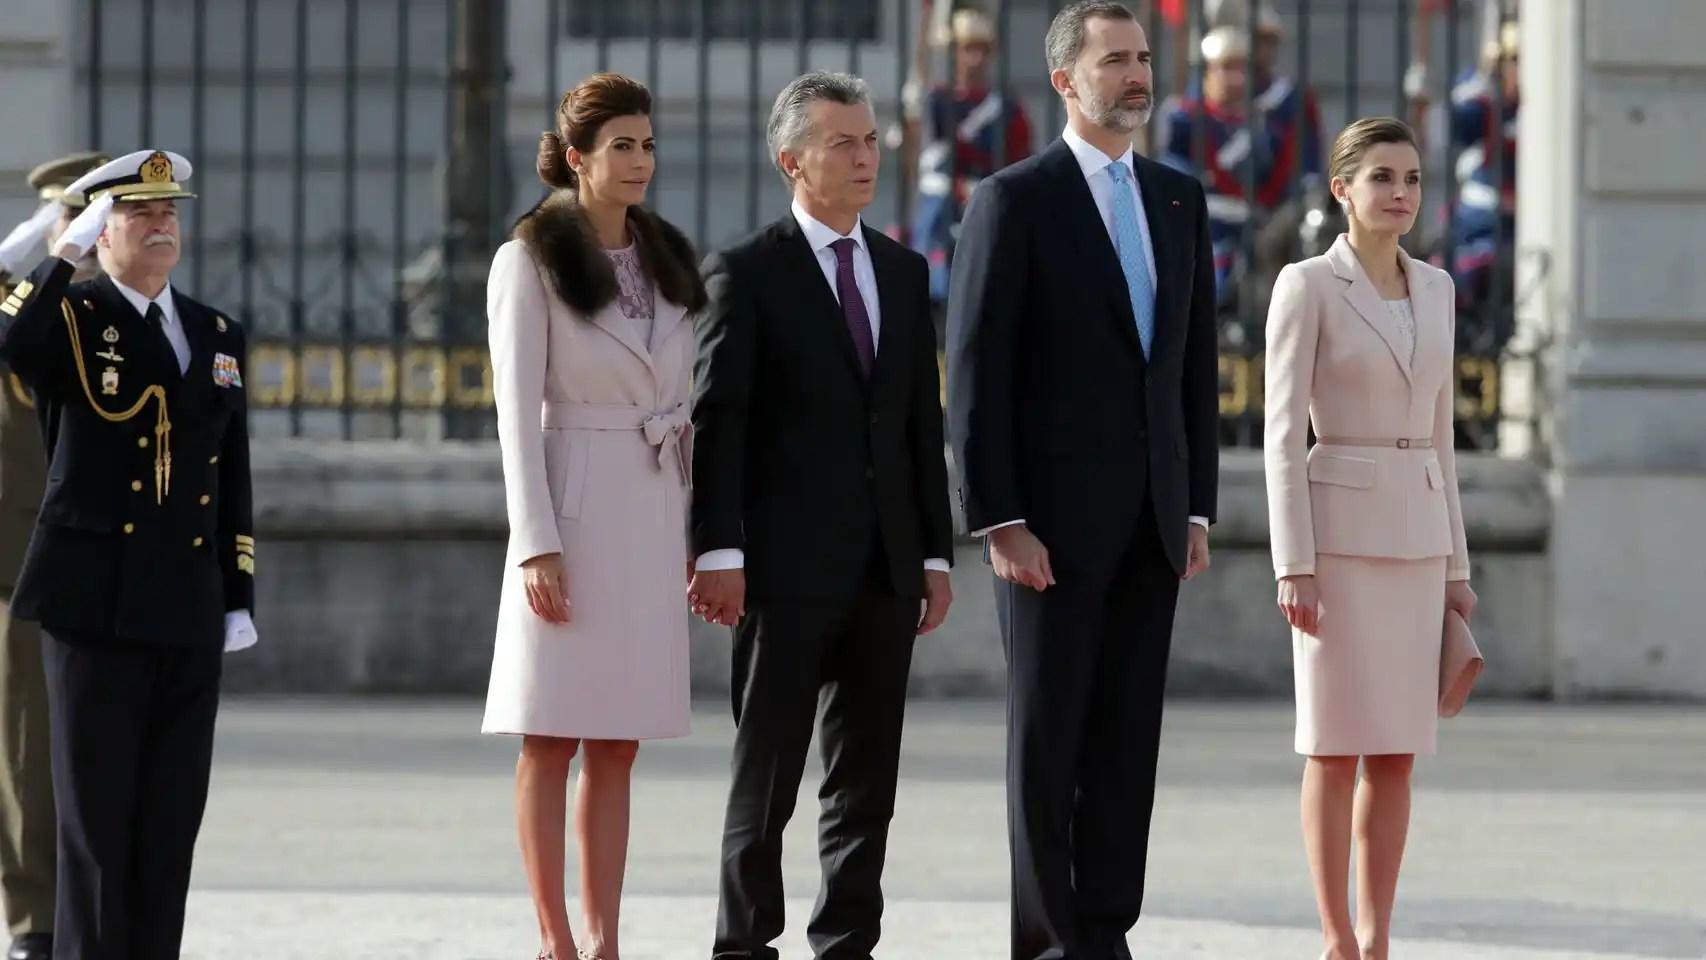 De izquierda a derecha, Juliana Awada, Mauricio Macri, Felipe VI y Letizia